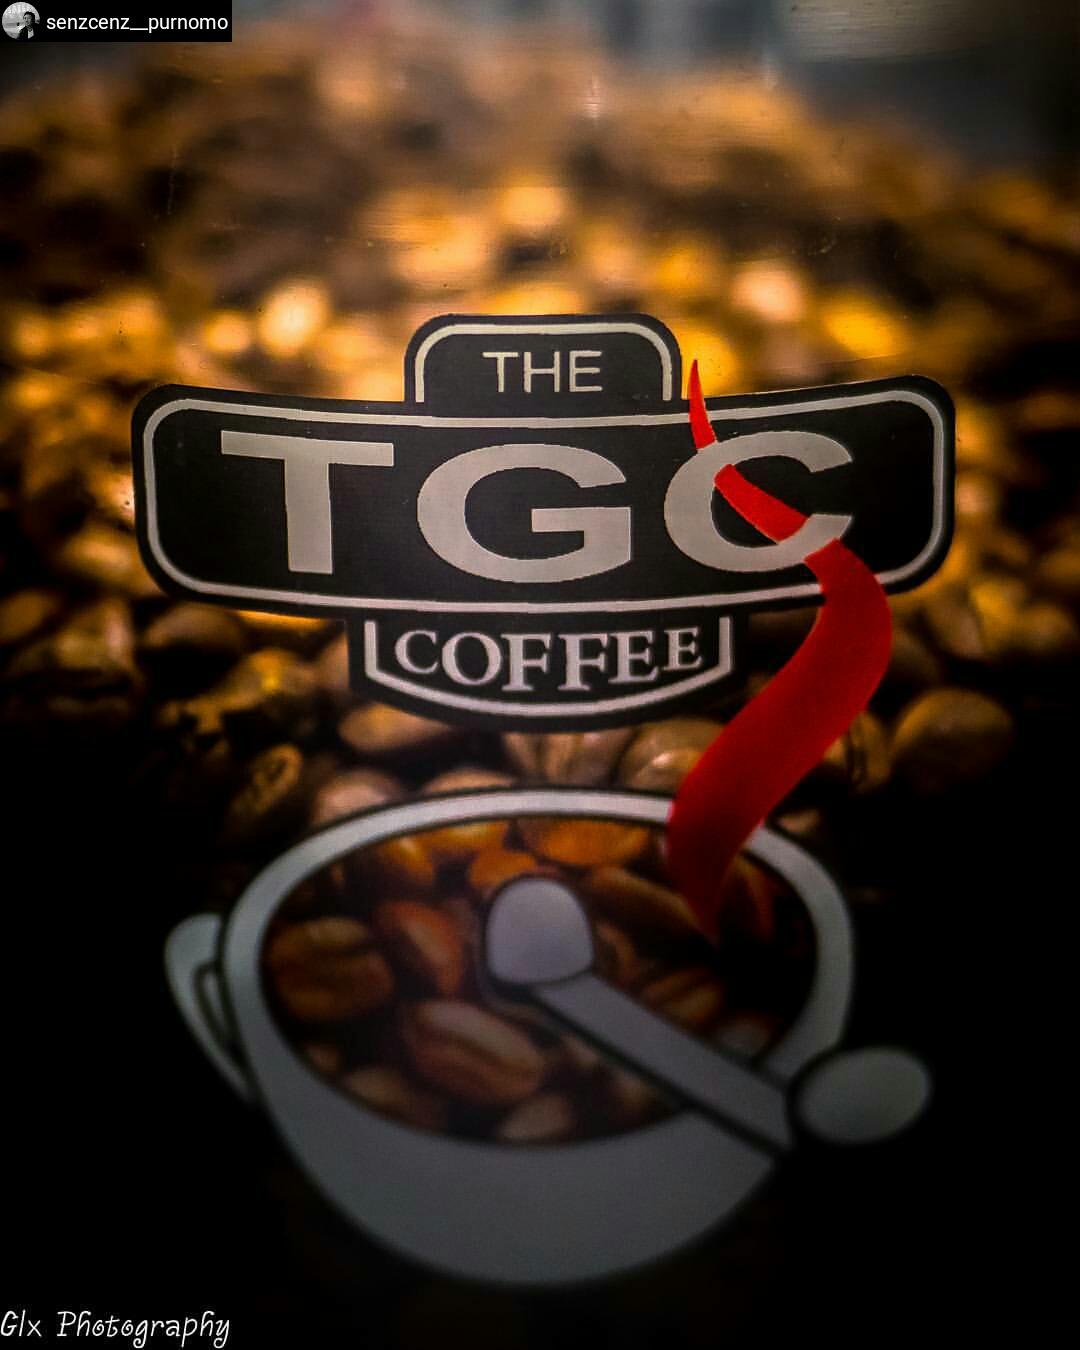 coffeeTGC